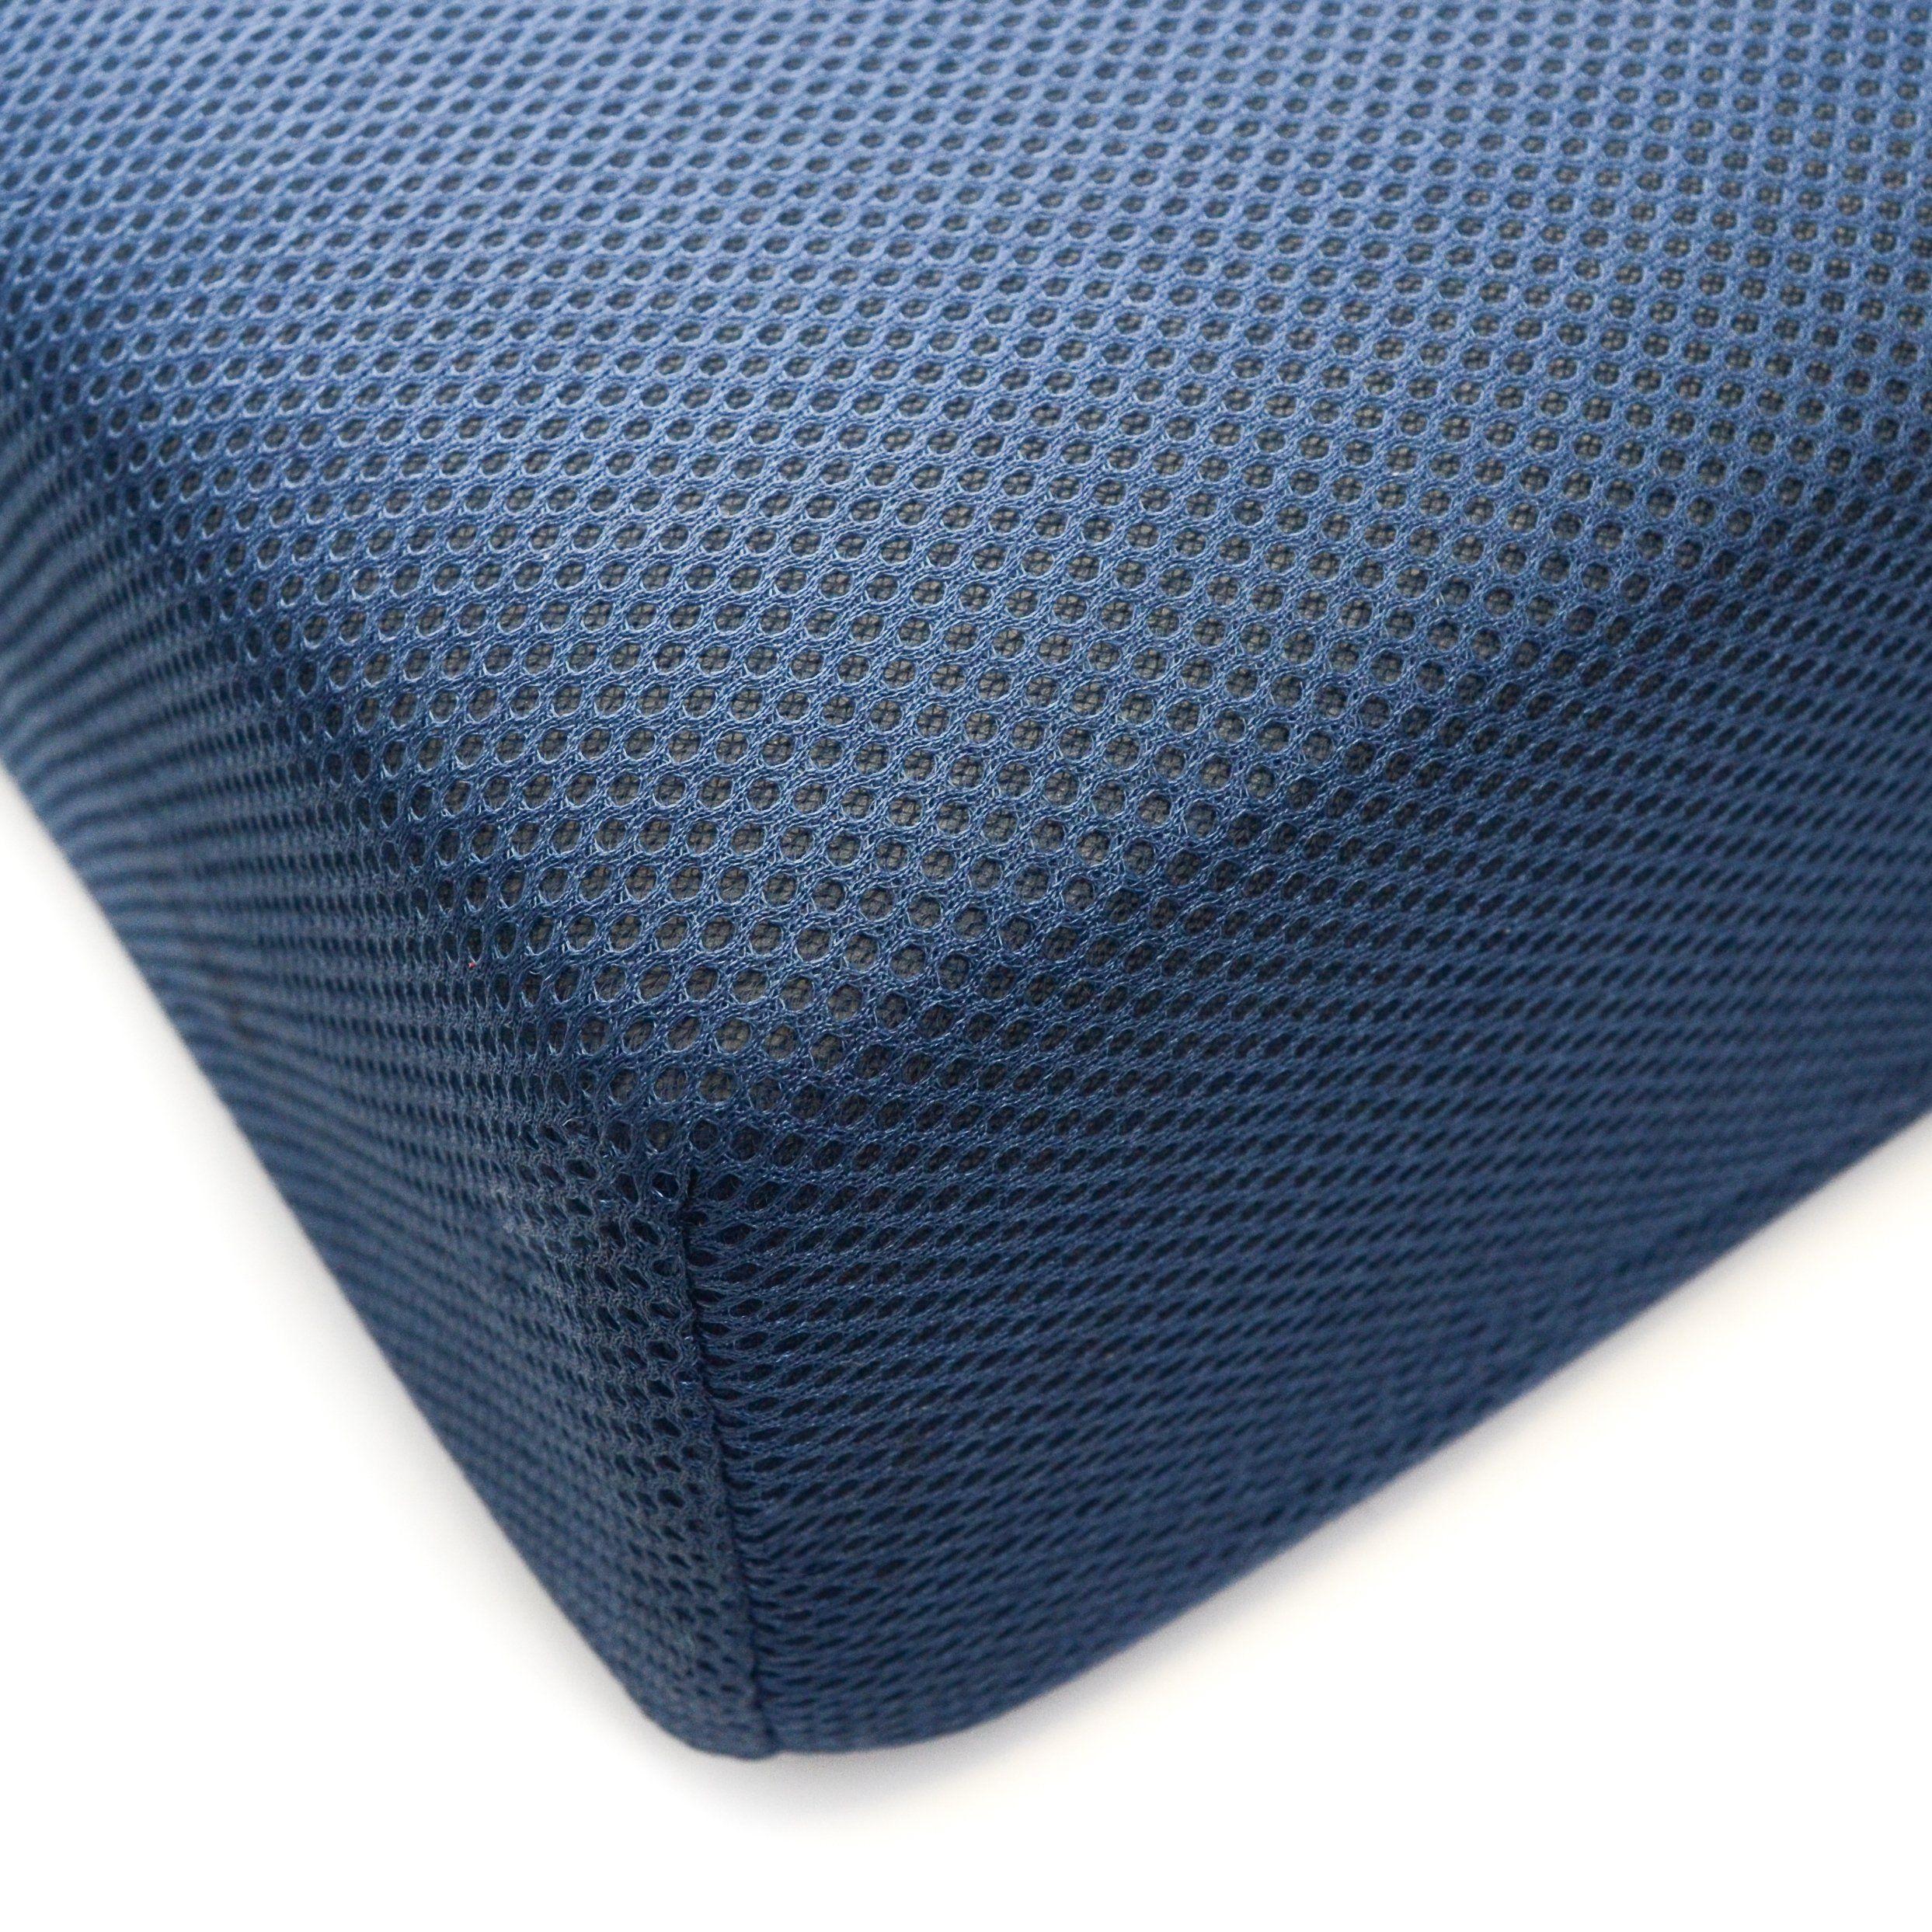 Milliard Tri-Fold Twin XL-size Foam Folding Mattress ...